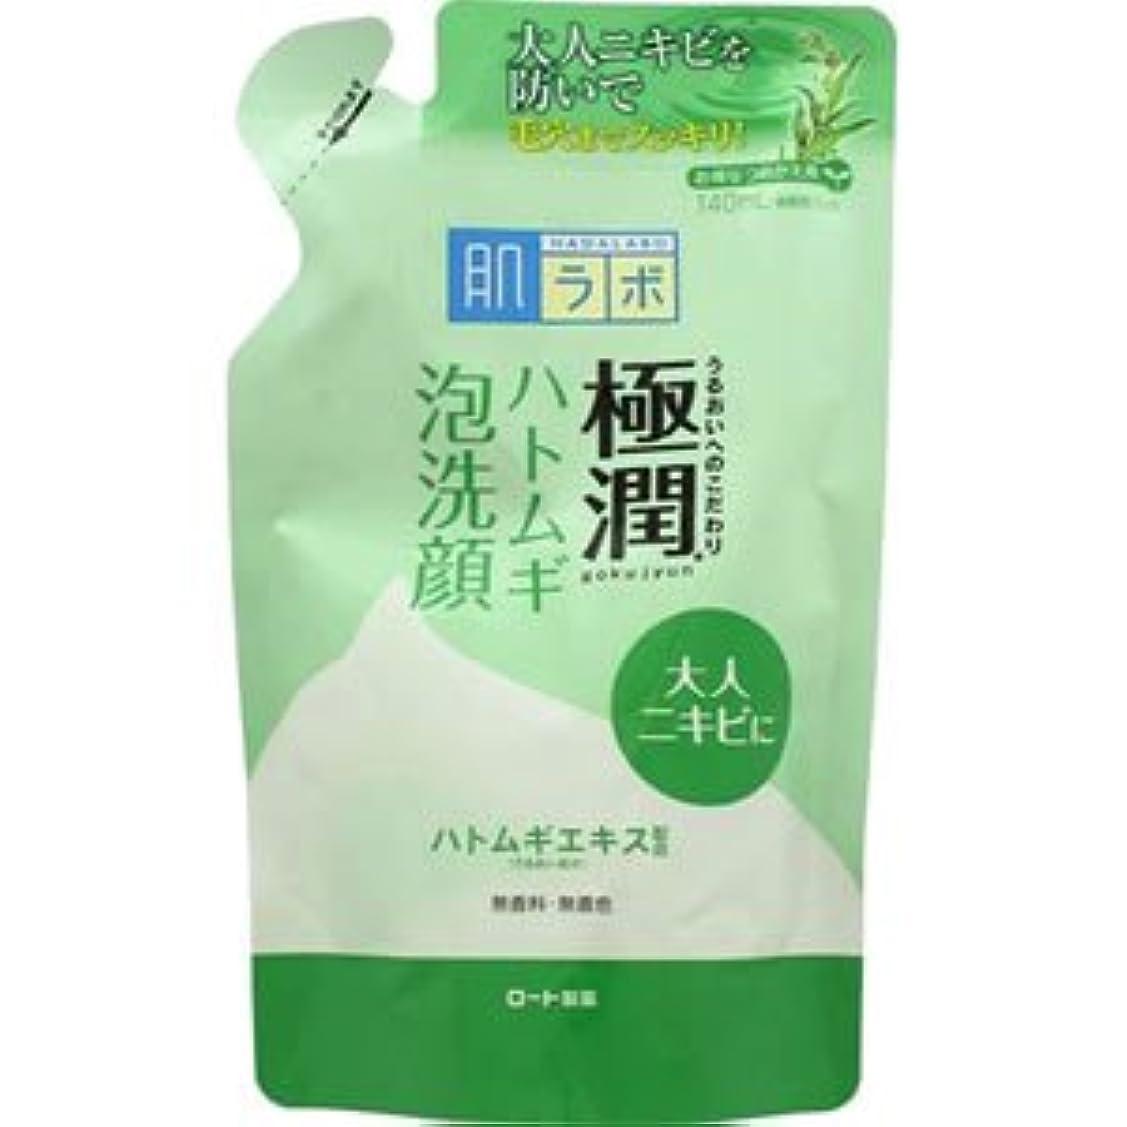 同化する評価可能スロット(ロート製薬)肌研 極潤ハトムギ泡洗顔 140ml(つめかえ用)(お買い得3個セット)